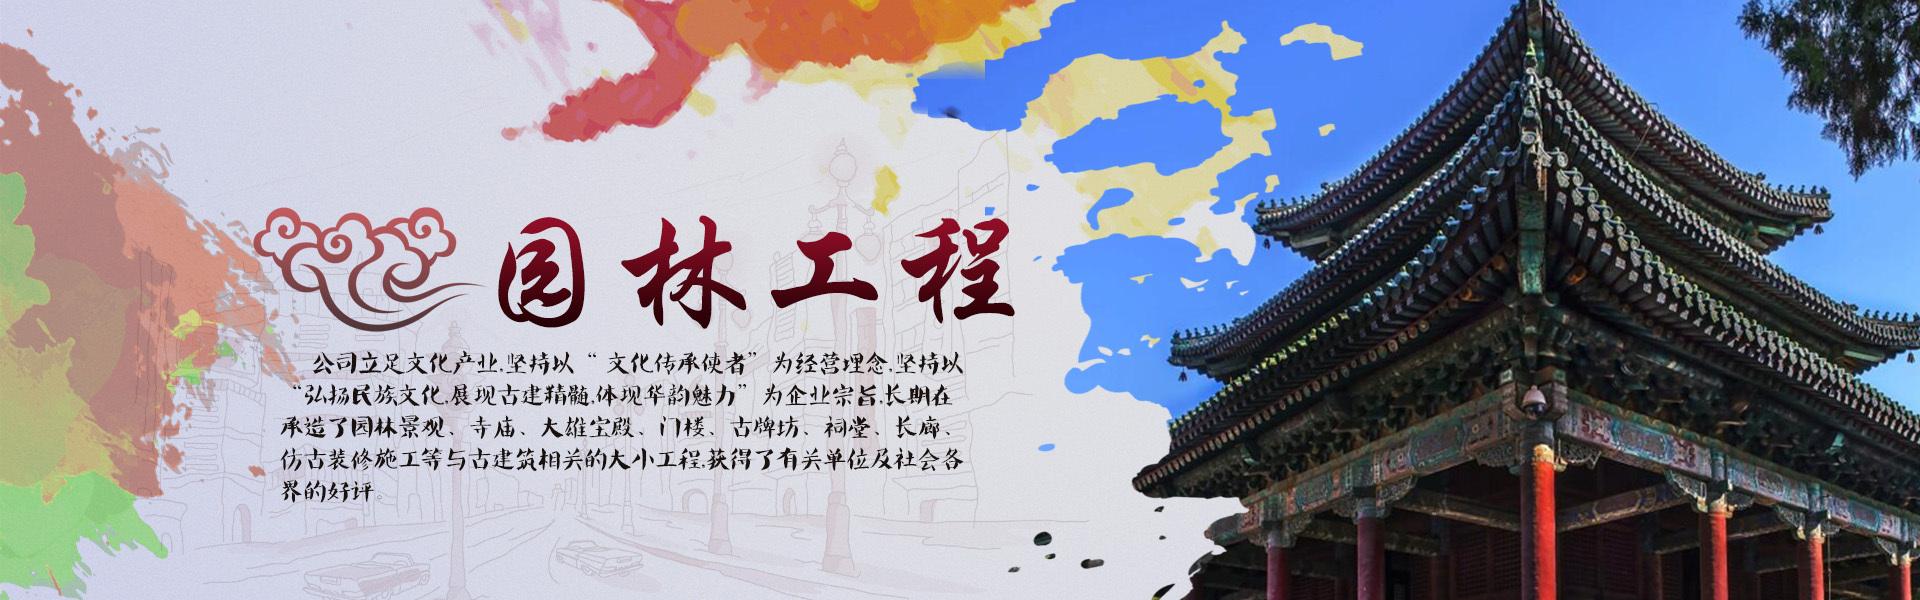 临朐华松园林工程有限公司